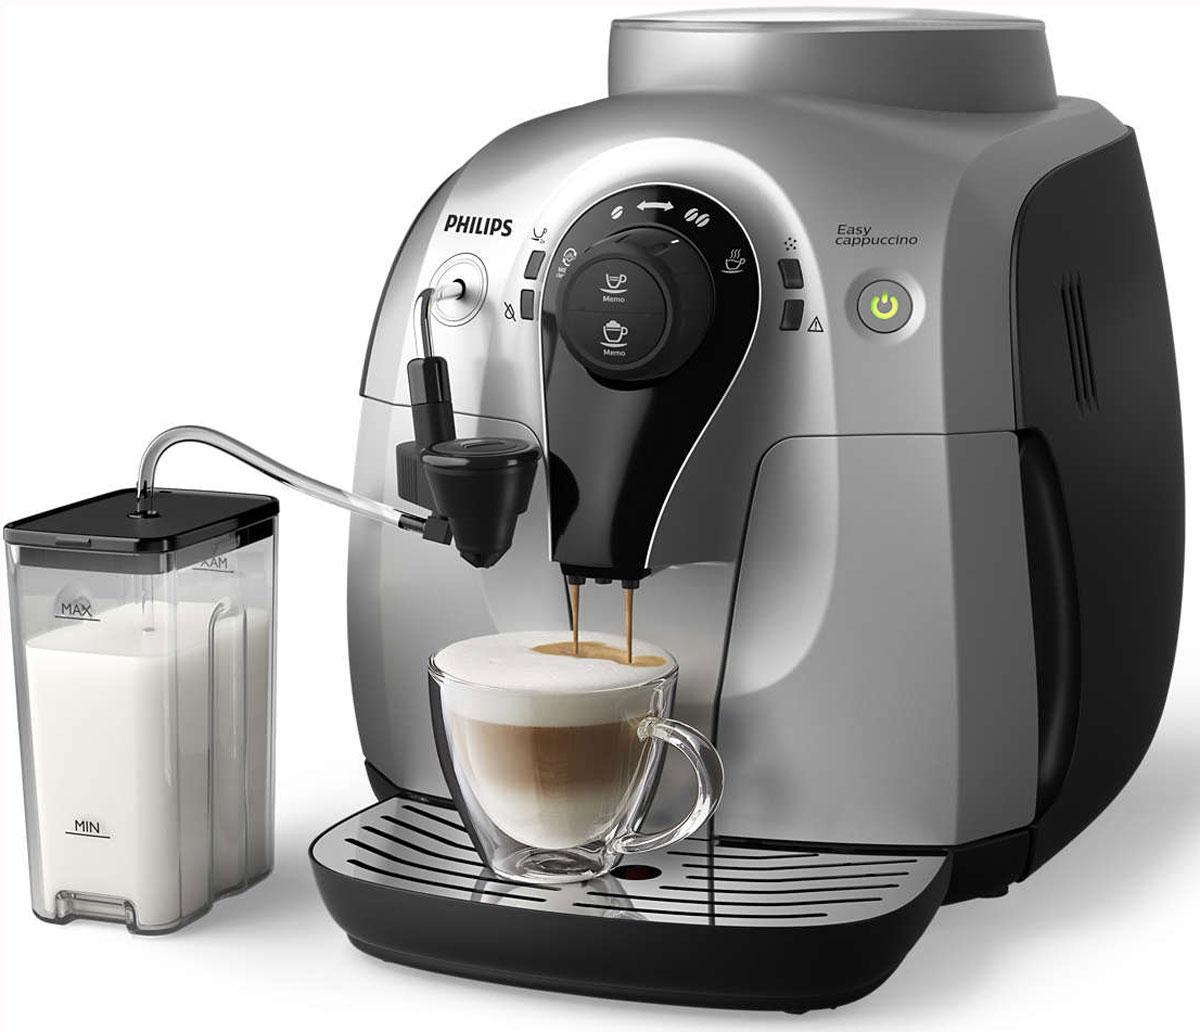 Philips HD8654/59, Silver Black кофемашинаHD8654/59Philips HD8654/59 - это горячий эспрессо, кофе и капучино одним нажатием кнопкиВы можете приготовить чашку превосходного эспрессо из свежемолотых кофейных зерен всего за несколько секунд, просто нажав на кнопку. А благодаря новой системе Easy Cappuccino готовить капучино стало невероятно просто — достаточно нажать соответствующую кнопку. Кроме того, вы можете сварить одновременно две чашки кофе с помощью специальной функции.Надежные керамические жернова кофемолки обеспечивают долгий срок службы и качественную работуКерамический материал устойчив к износу, обеспечивает долгий срок службы и бесшумную работу. Это значит, что качество помола кофе будет оставаться неизменно превосходным при приготовлении более чем 15 000 чашек кофе, в которых сохранится весь аромат кофейных зерен.Горячий кофе с первой чашки благодаря быстрому нагреву бойлераЗабудьте о едва теплом кофе. Бойлер кофемашины Philips HD8654/59 быстро нагревается, поэтому даже первая чашка кофе будет горячей и ароматной. Больше не нужно ждать — готовьте горячий кофе и капучино для всей семьи.Выбирайте крепость кофе по своему вкусуБлагодаря выбору крепости вы всегда сможете приготовить идеальный эспрессо или капучино в соответствии с вашими личными предпочтениями. Эта функция позволяет выбрать количество кофе для помола, чтобы сварить более мягкий или насыщенный эспрессо. Наслаждайтесь превосходным кофе, приготовленным всего одним нажатием кнопки.Сохраните настройку объема с помощью функции памяти MEMOБлагодаря функции памяти вы можете задать и сохранить нужный объем, чтобы всегда готовить любимый кофе и капучино так, как вам нравится. Благодаря этой функции машина приготовит кофе и капучино в соответствии с вашими предпочтениями.Регулируемые настройки помола для кофе на любой вкусВыберите одну из пяти степеней помола на ваш вкус — от самого тонкого для приготовления насыщенного крепкого эспрессо до самого грубого для более легкого вкуса.Подходит для кухни любог